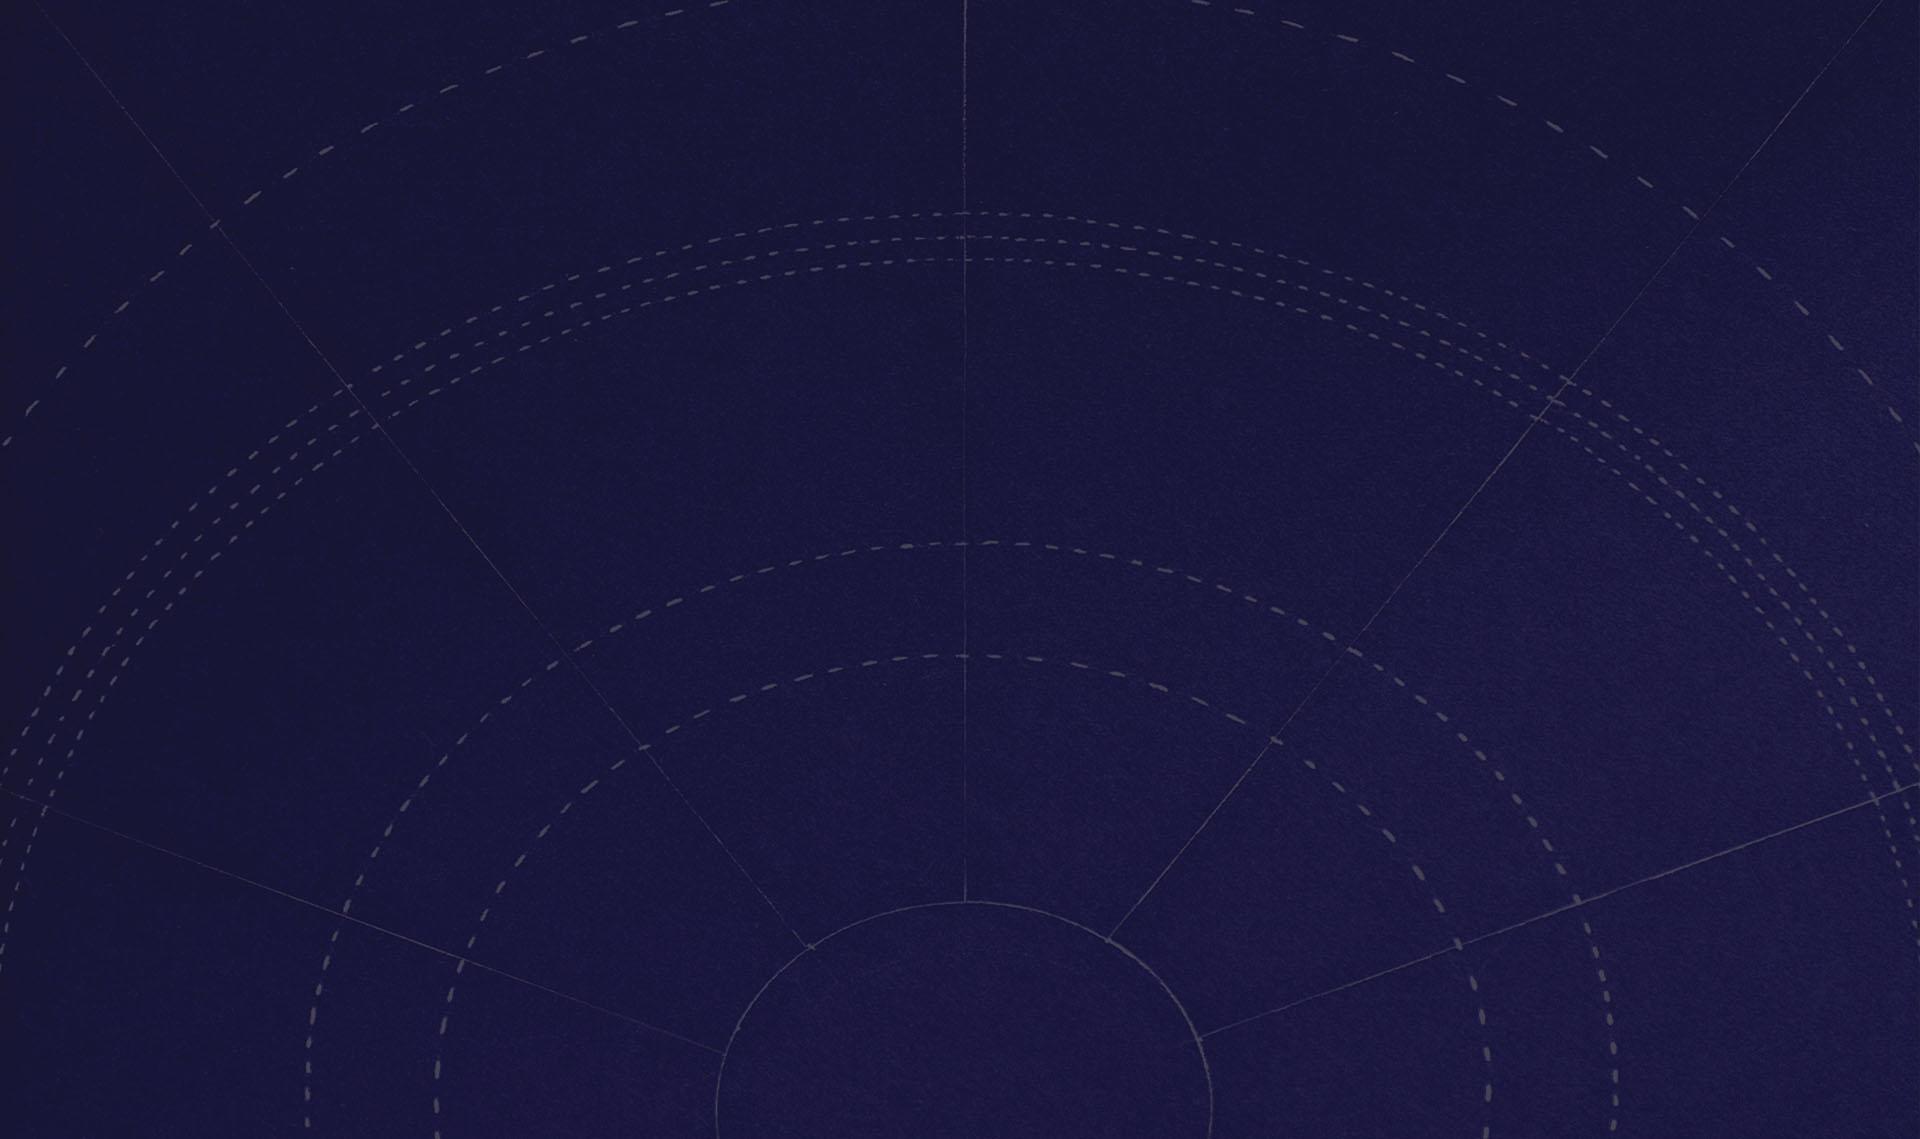 Navigation Background Image